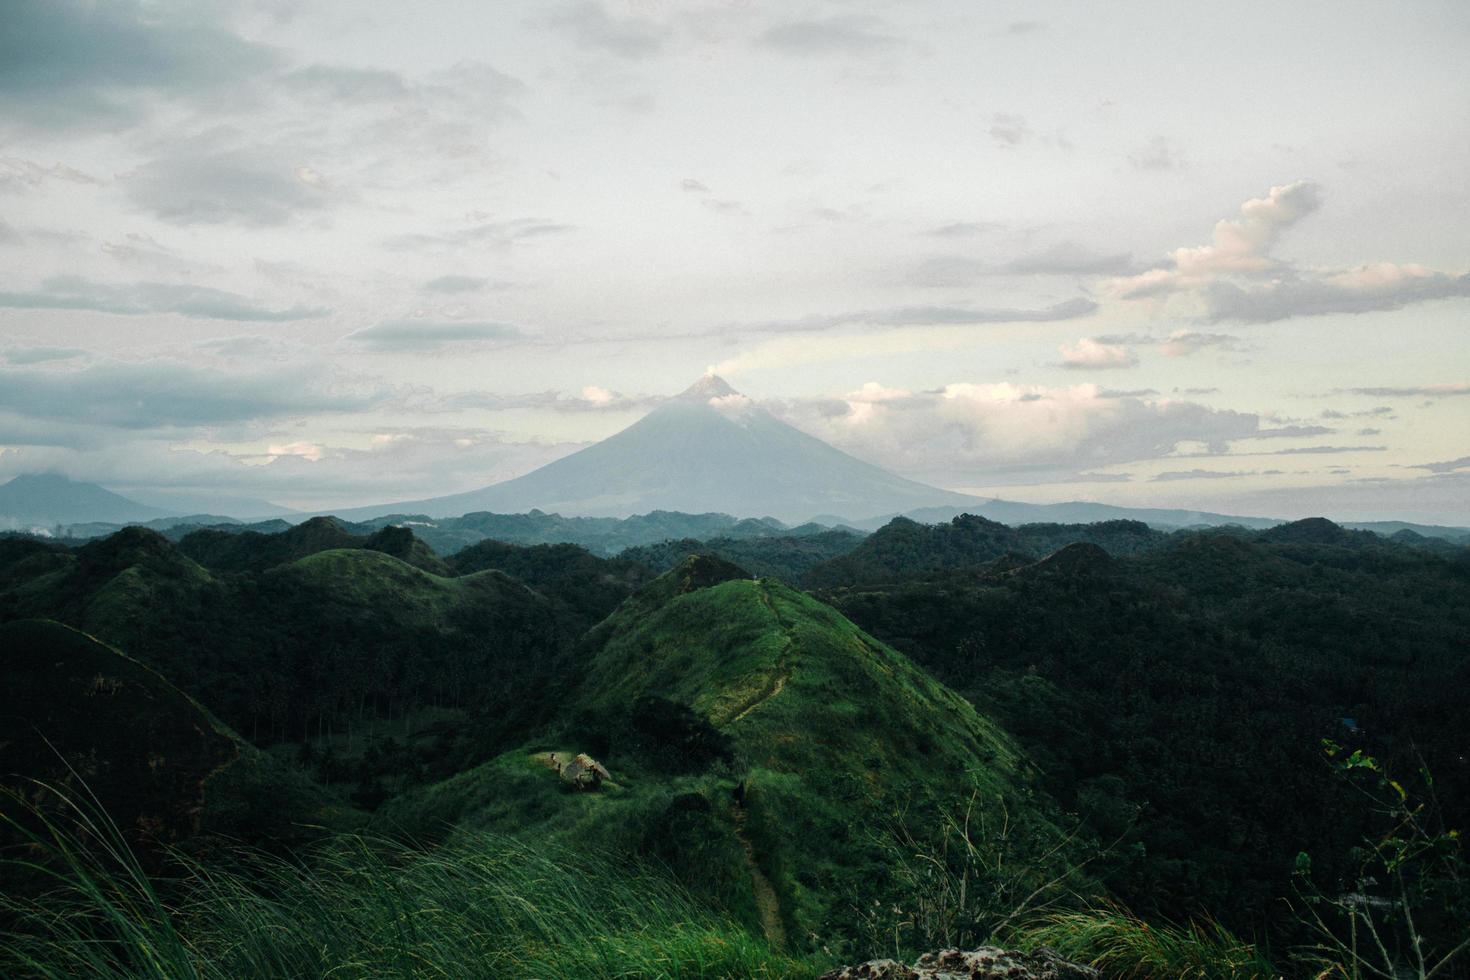 Blick auf einen Berg über Bäumen foto